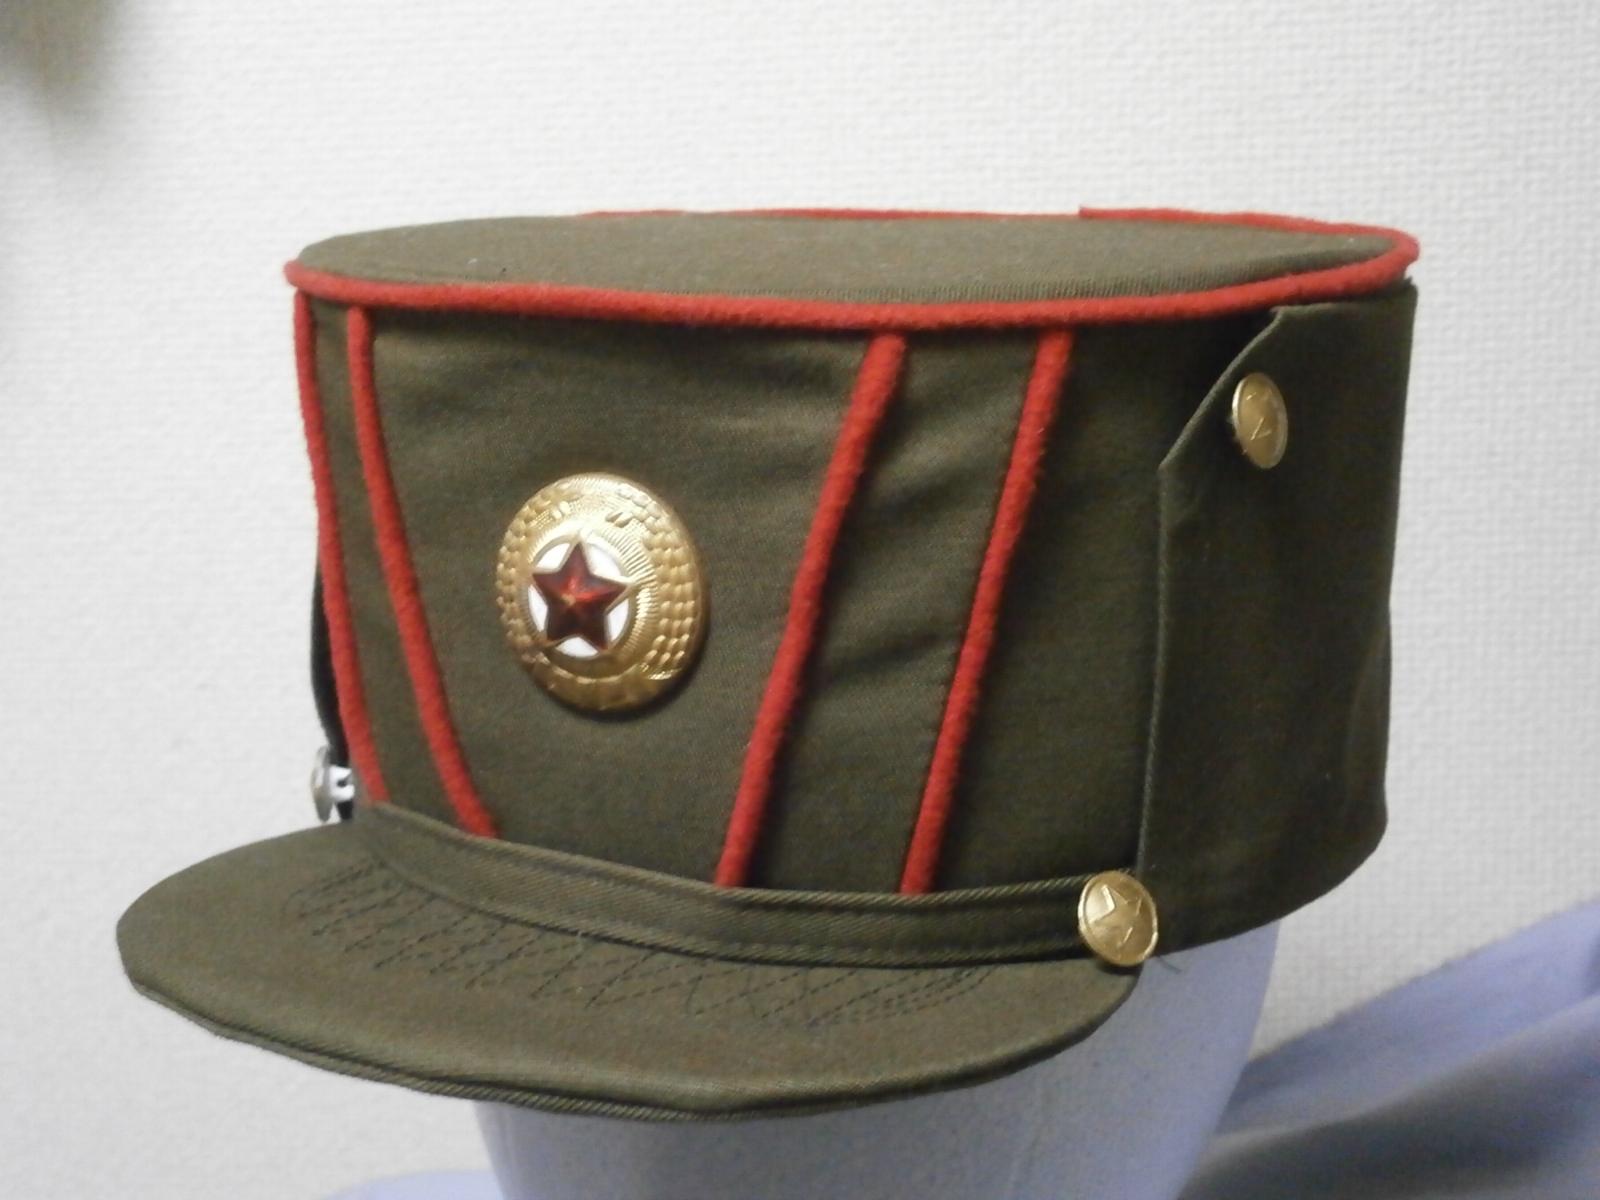 亜州軍品の製作品目録 亜州軍品の製作品目録 帽子類 価格は標準製品の参考価格です。 サイズ特注、